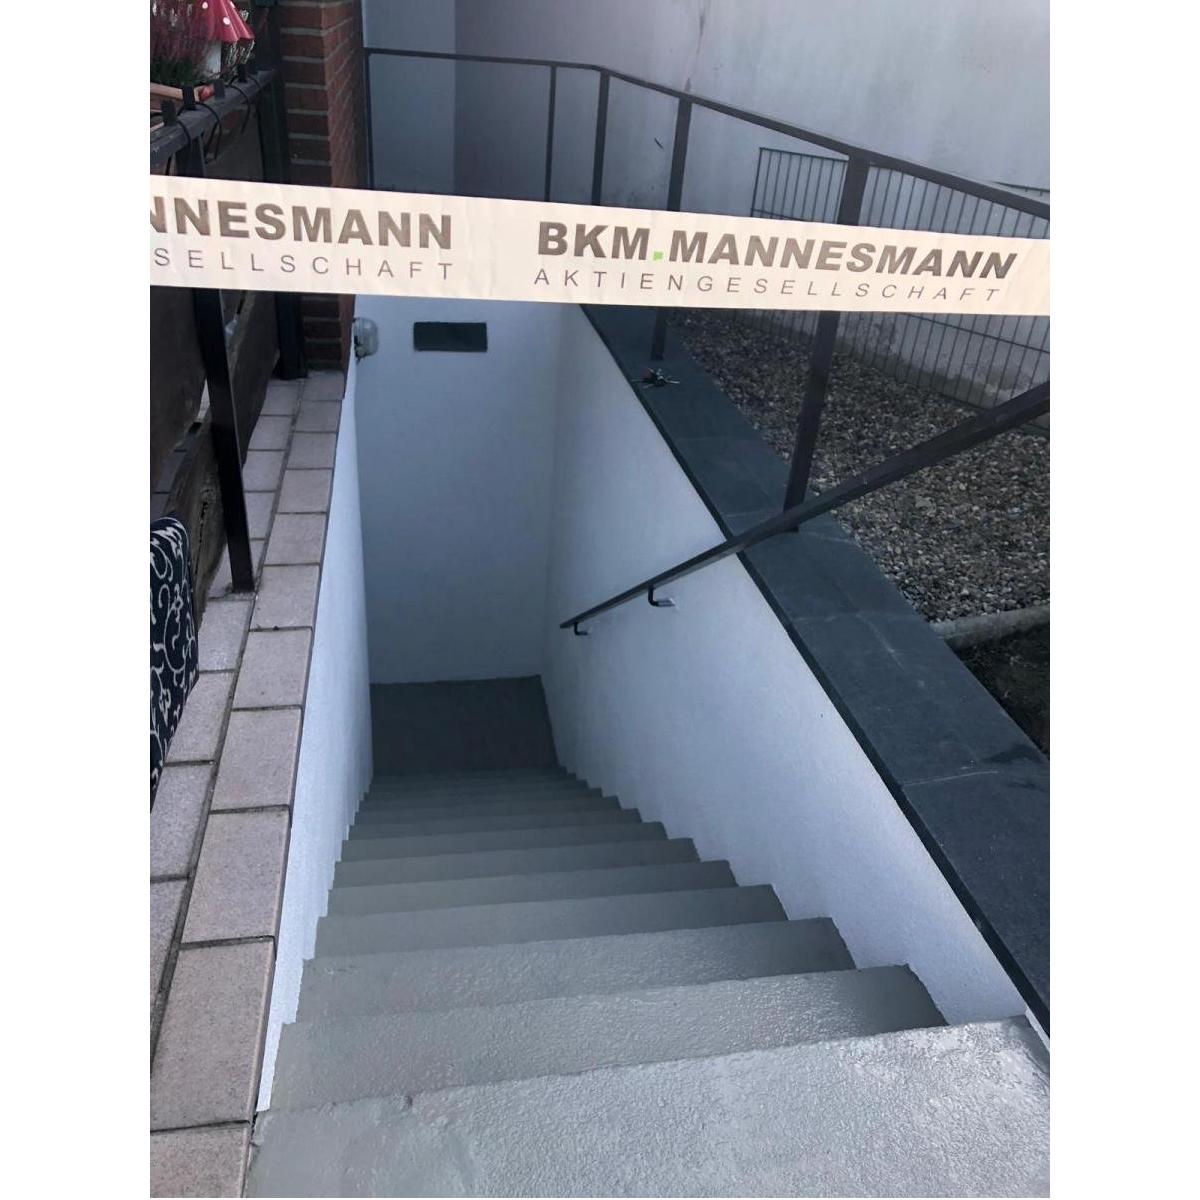 Bild zu Bauwerksabdichtung Gregor M. Podstawa Fachbetrieb BKM: MANNESMANN in Krefeld